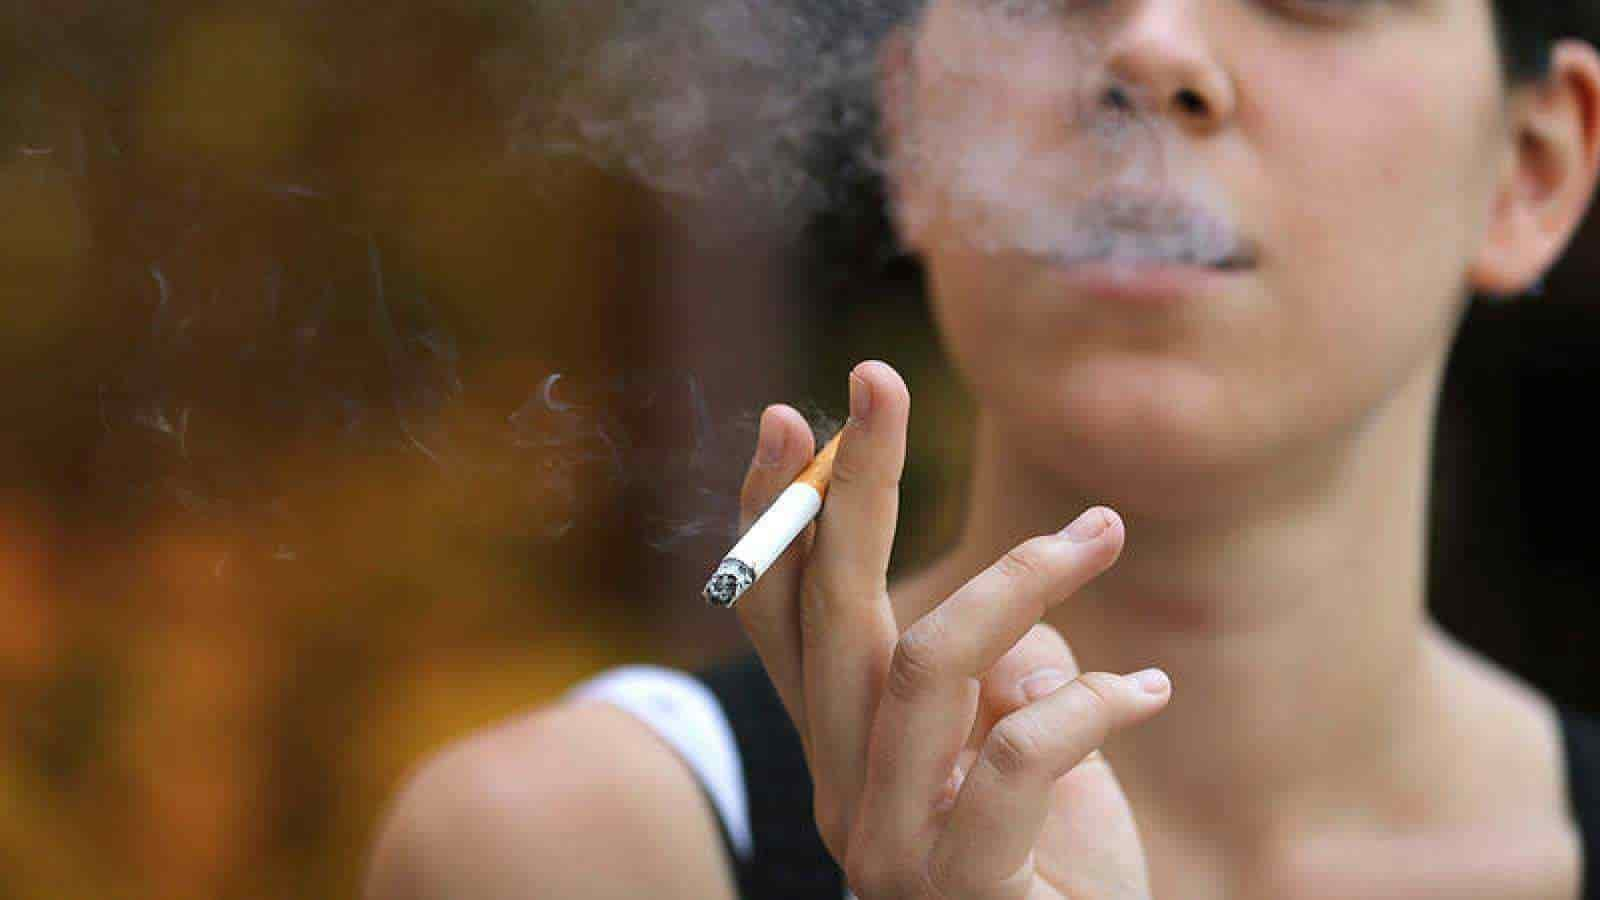 Encuentran un vínculo entre fumar y problemas mentales como la depresión